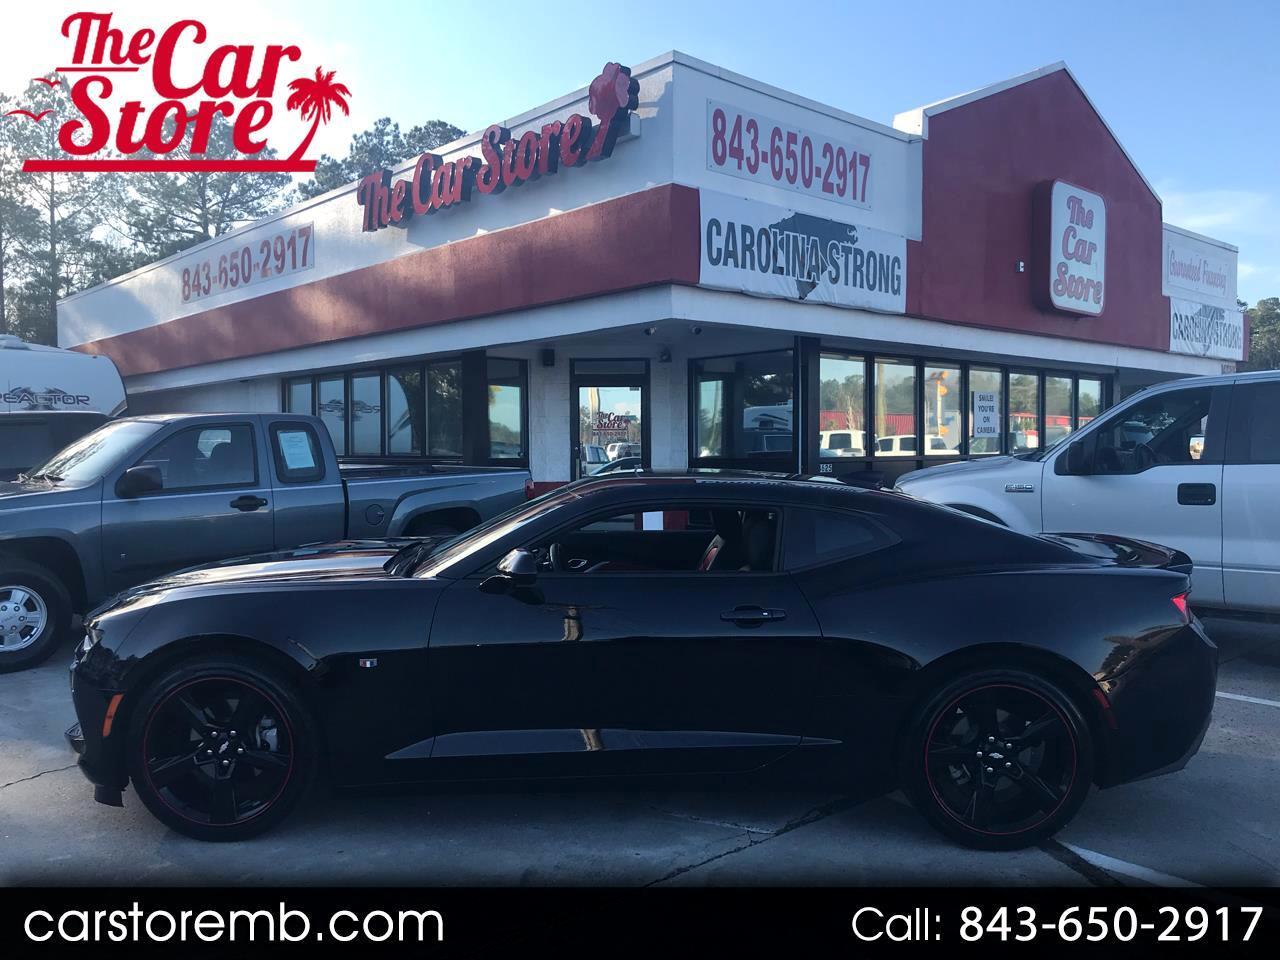 2017 Chevrolet Camaro 2LT Coupe